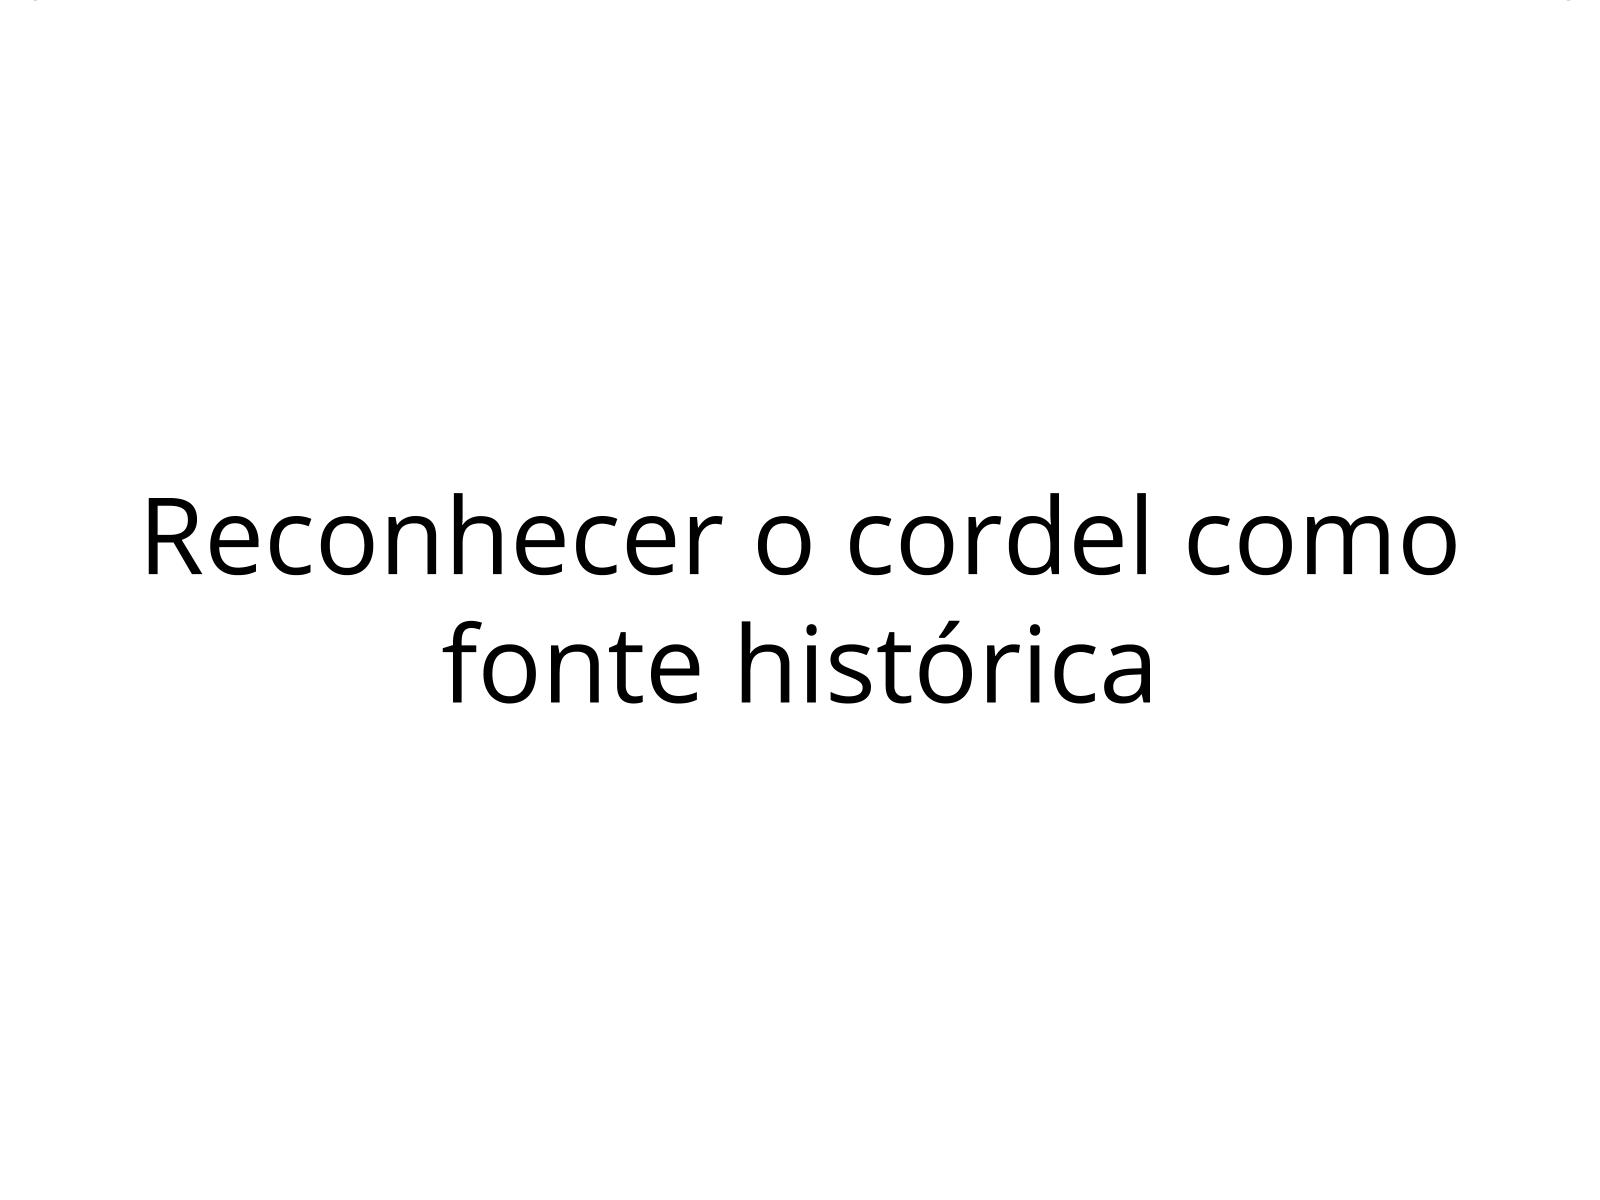 Literatura de cordel  como fonte histórica